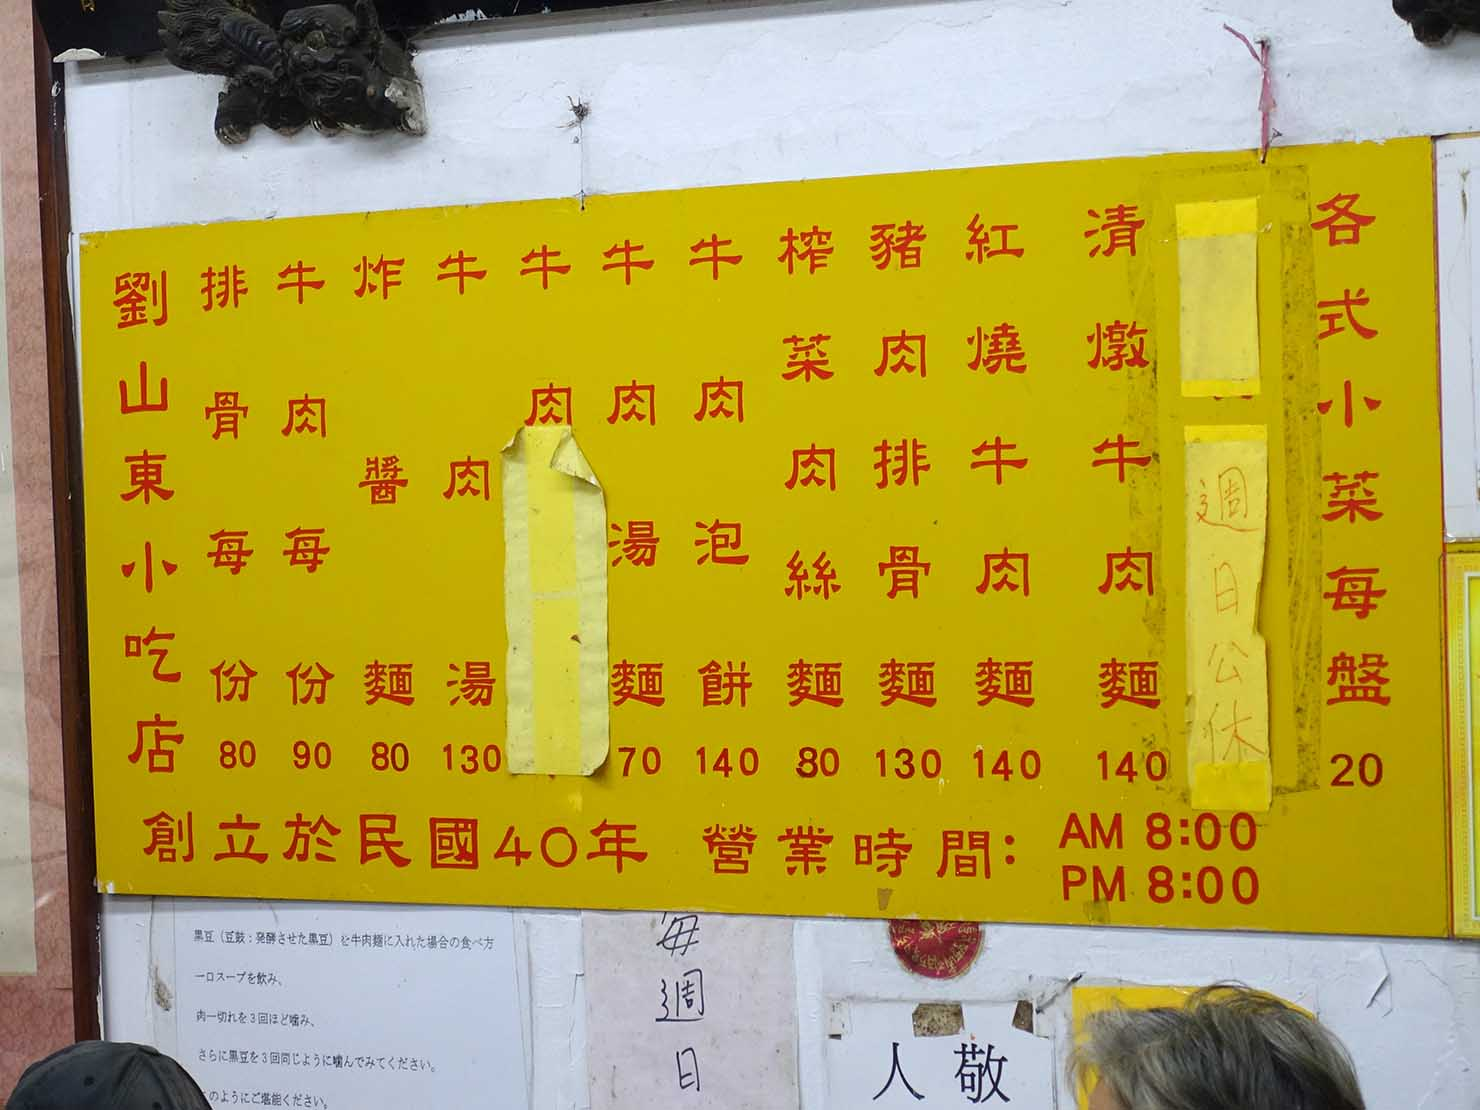 台北駅エリアのおすすめ台湾グルメ店「劉山東牛肉麵」のメニュー